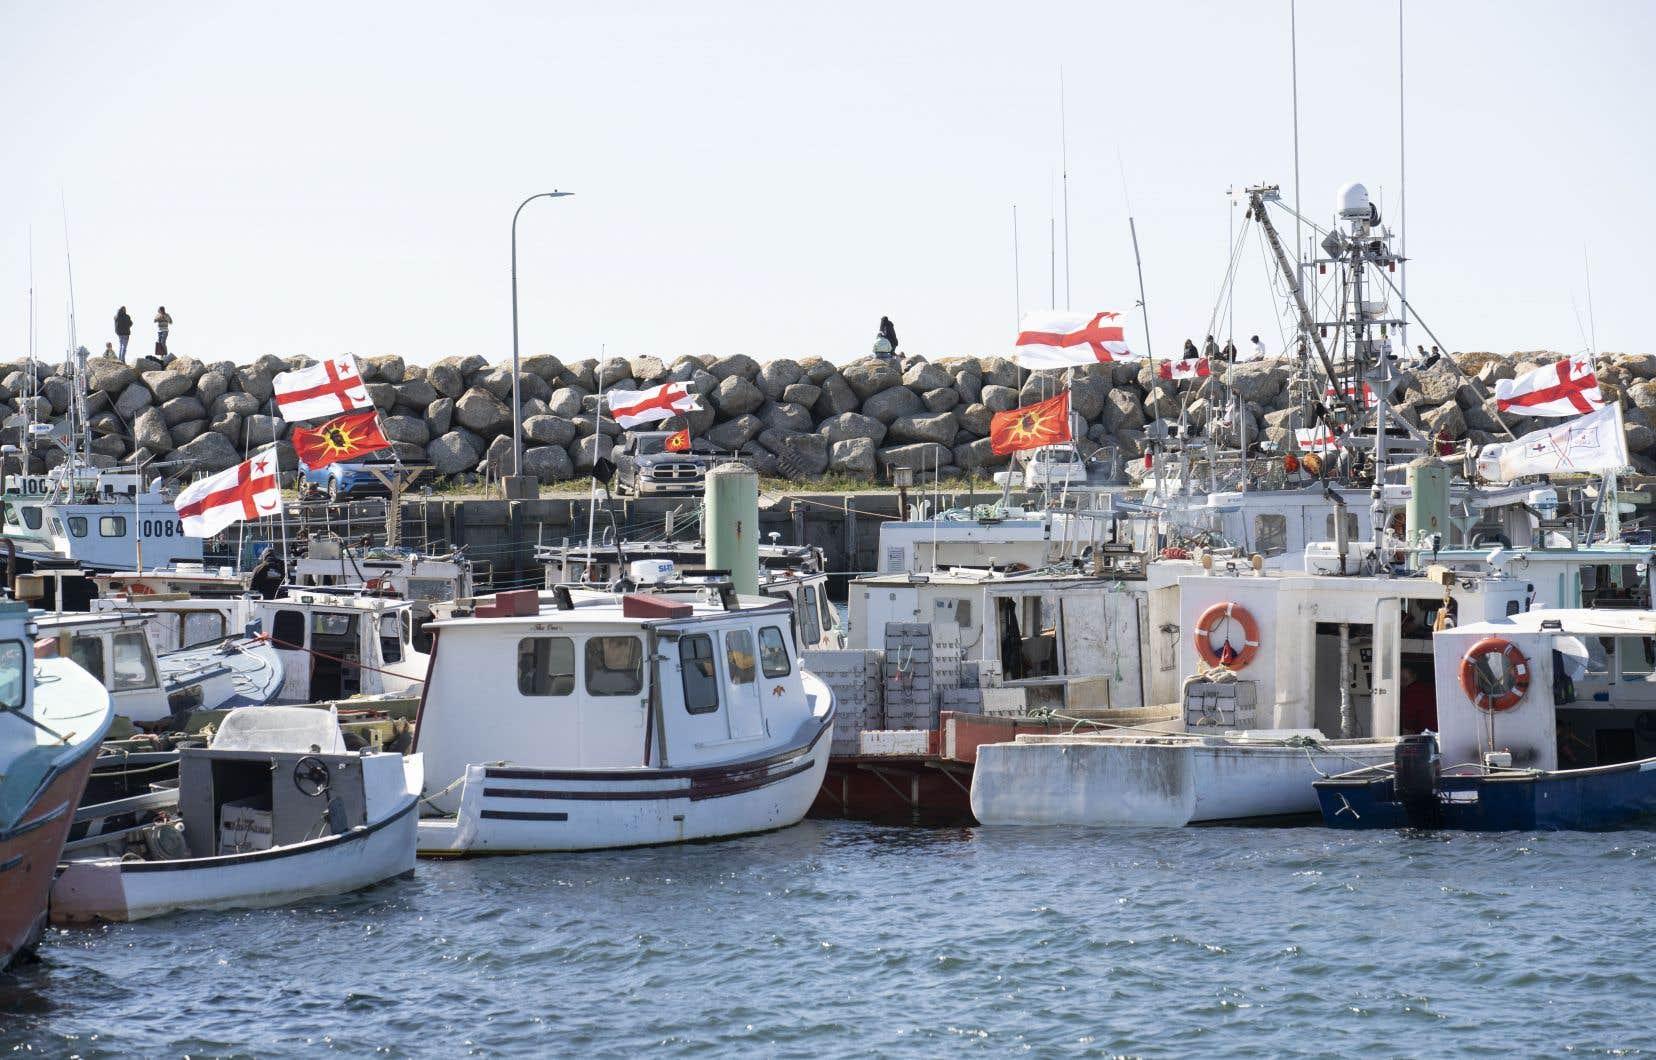 Des pêcheurs non autochtones sont frustrés par la pêche au homard «autoréglementée» des Mi'kmaq, lancée en dehors de la saison prévue par la réglementation fédérale, qui doit débuter vers la fin du mois de novembre.